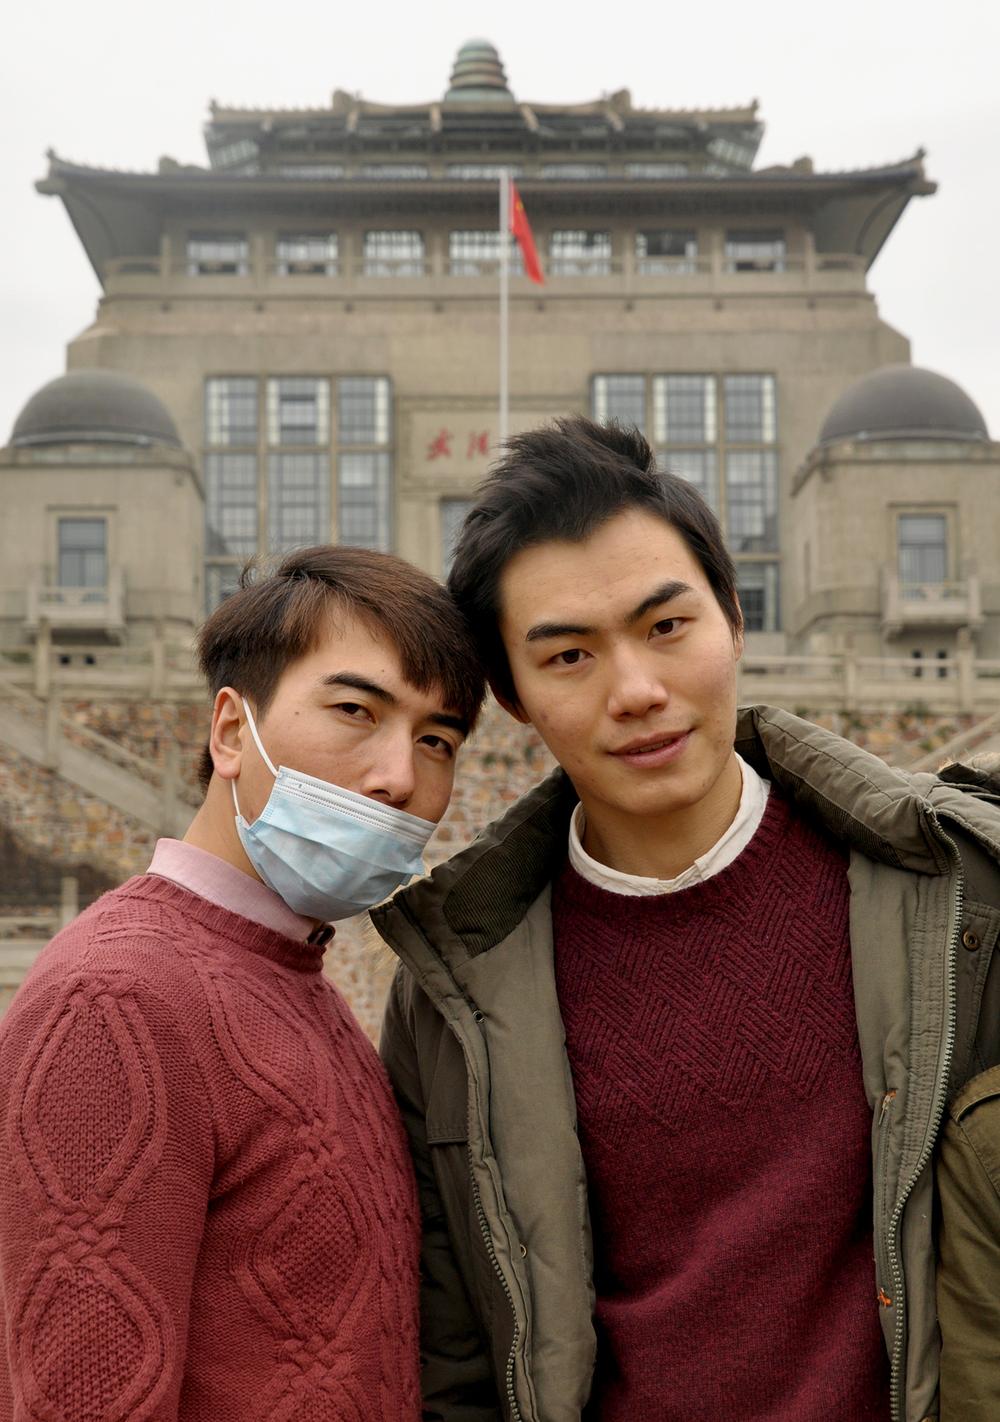 Wuhan University students